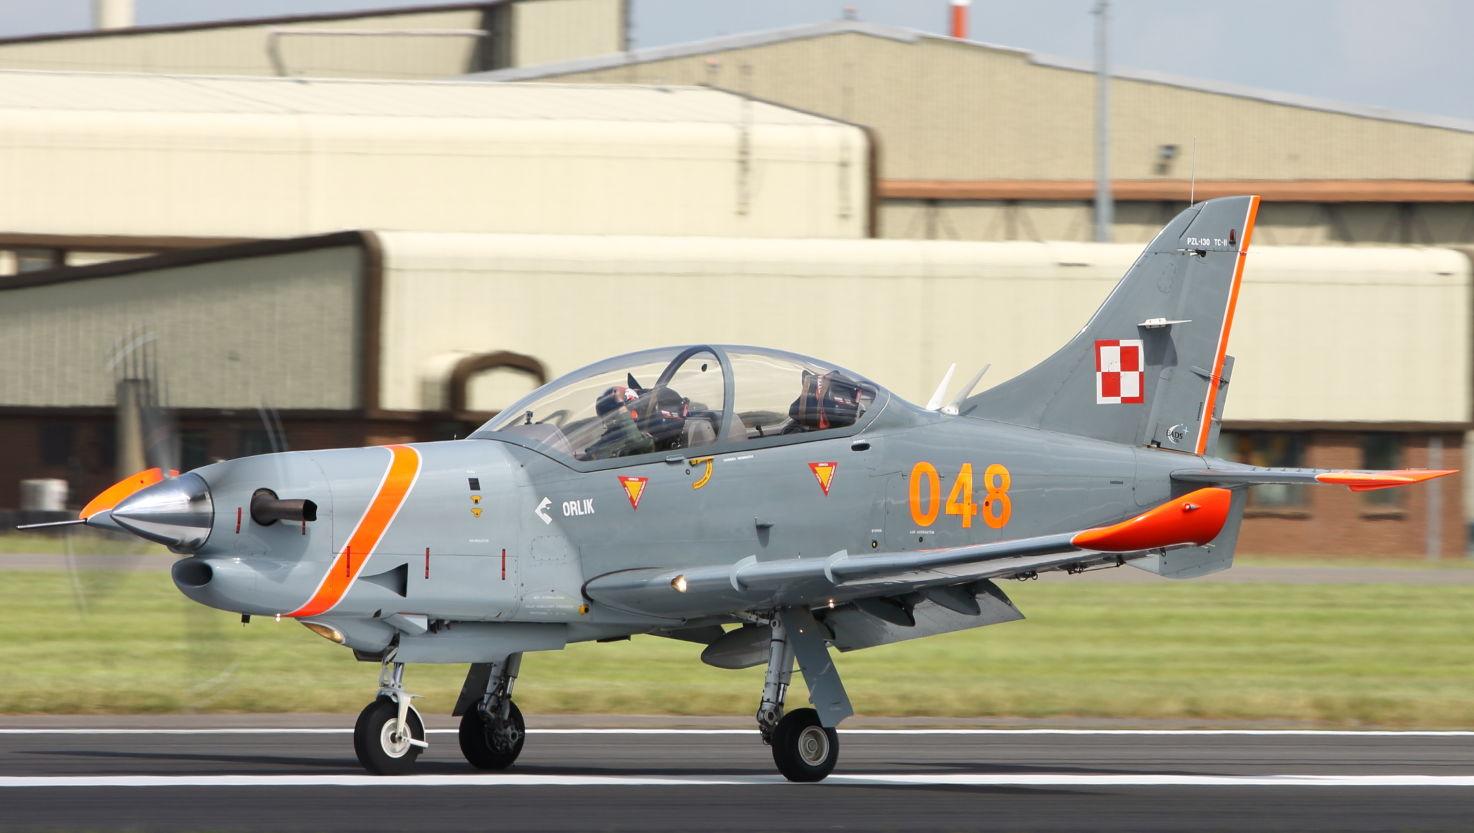 Les PZL Orlik seront modernisés par une filiale polonaise d'Airbus